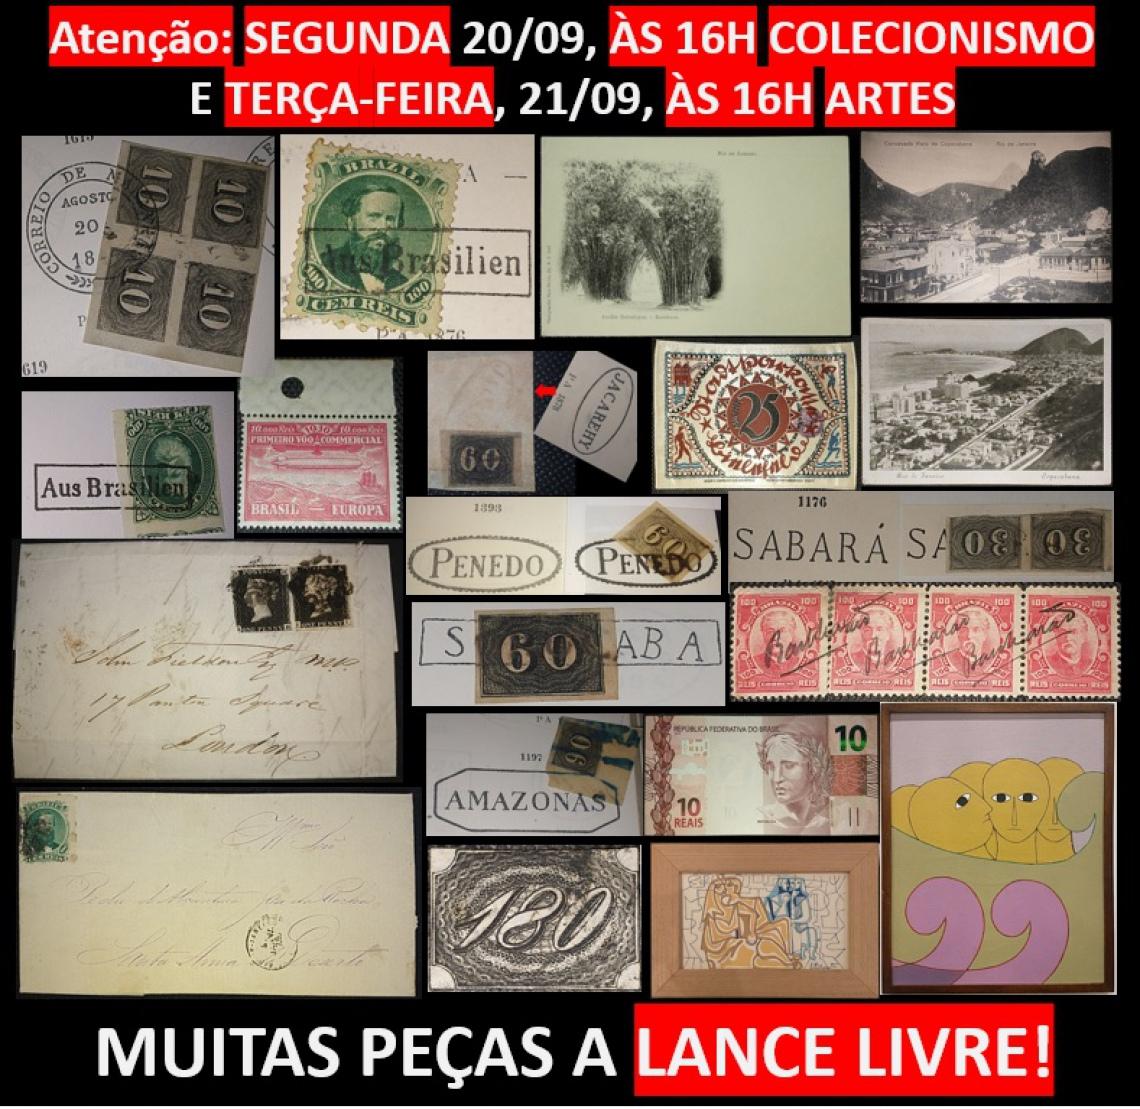 LEILÃO DE ARTES E COLECIONISMO DO EMPÓRIO DAS ARTES